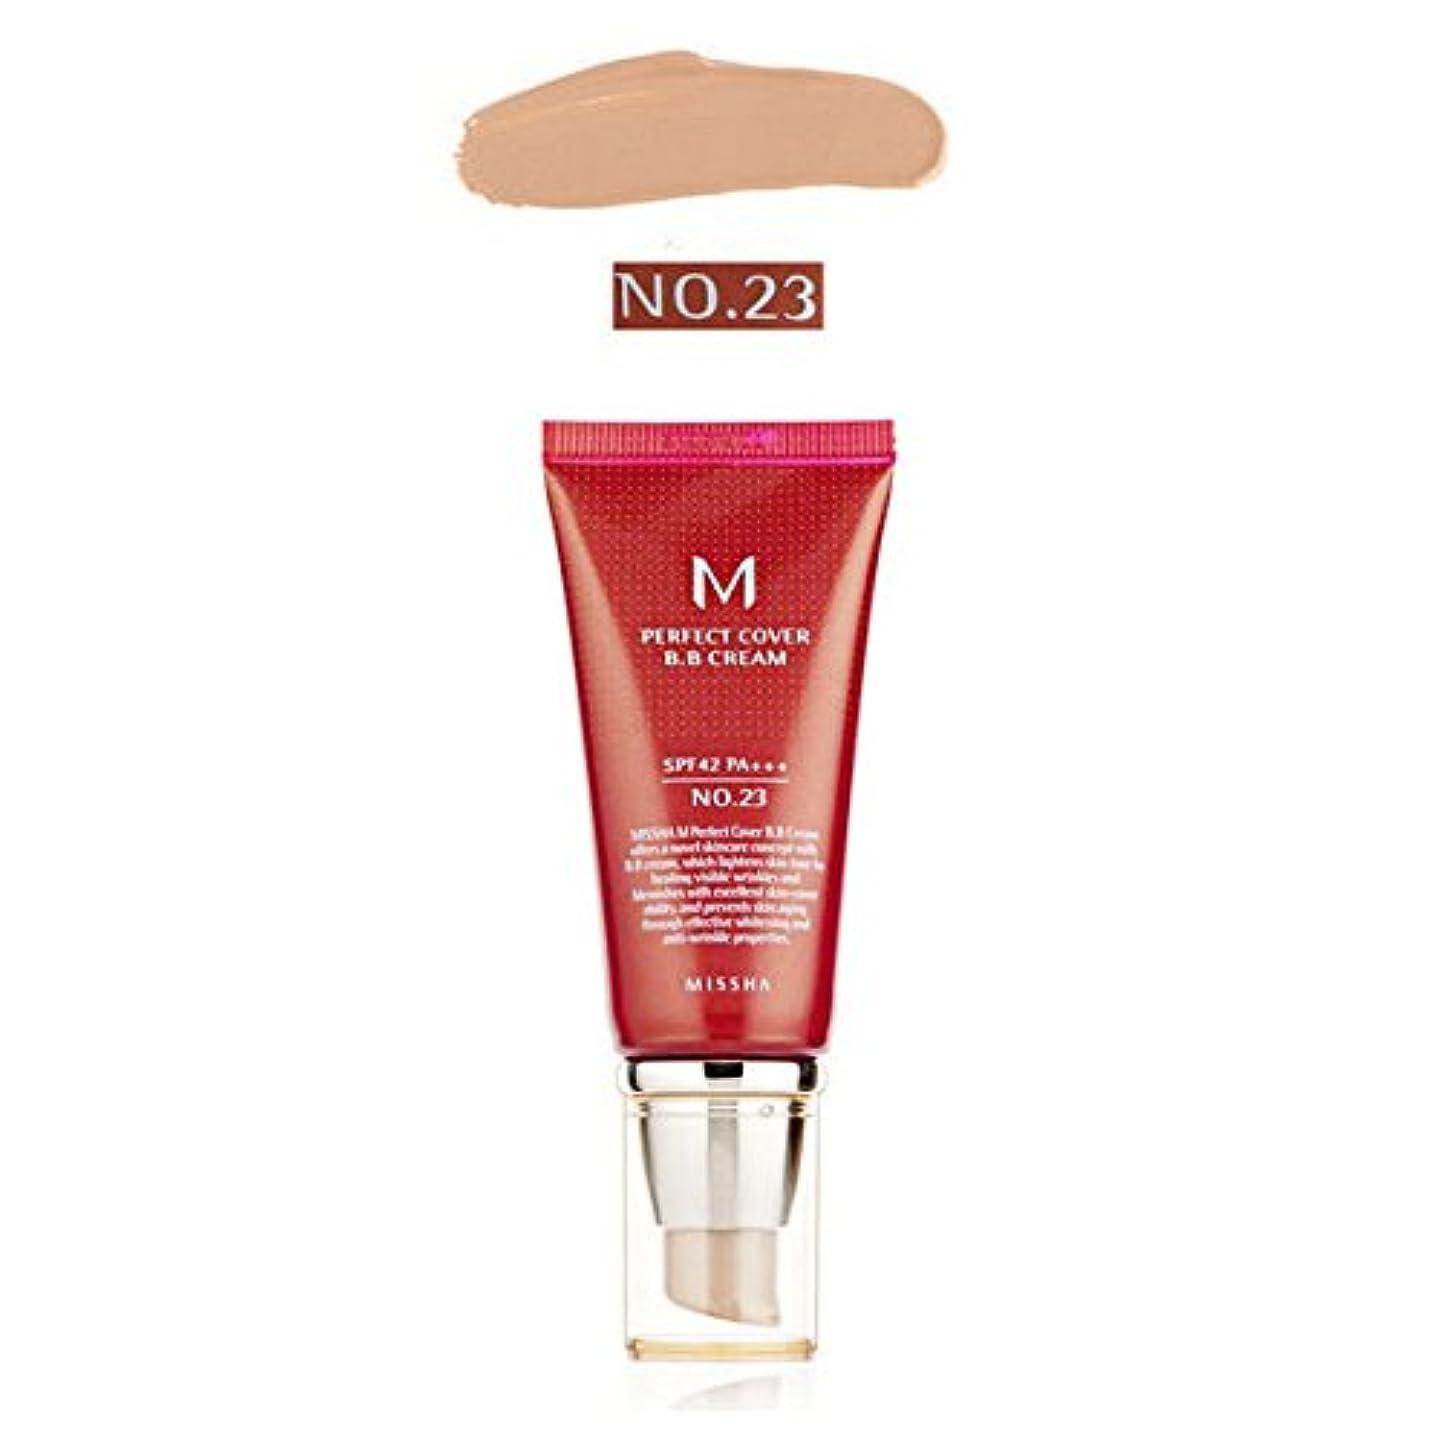 自我国歌収縮[ミシャ] MISSHA [M パーフェクト カバー BBクリーム 21号 / 23号50ml] (M Perfect Cover BB cream 21号 / 23号 50ml) SPF42 PA+++ (Type2...